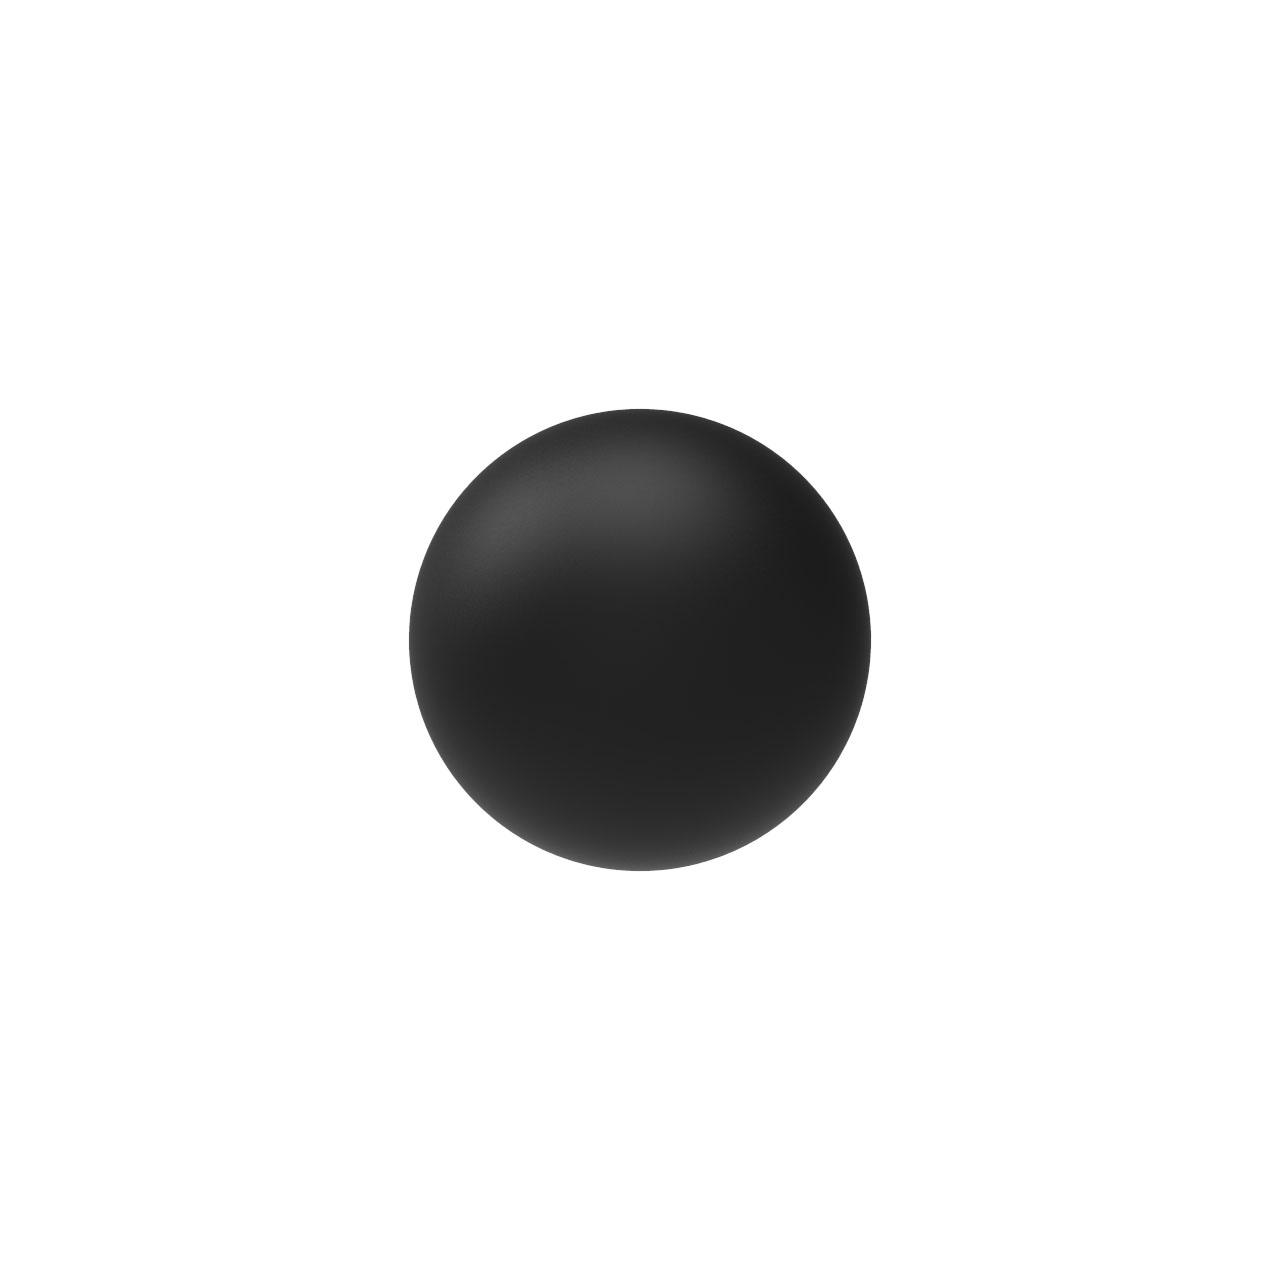 HIQPARTS(ハイキューパーツ) ネオジム磁石 ボール型 ブラック3.0mm(10個入) [MGNB-B30] 4573211373004